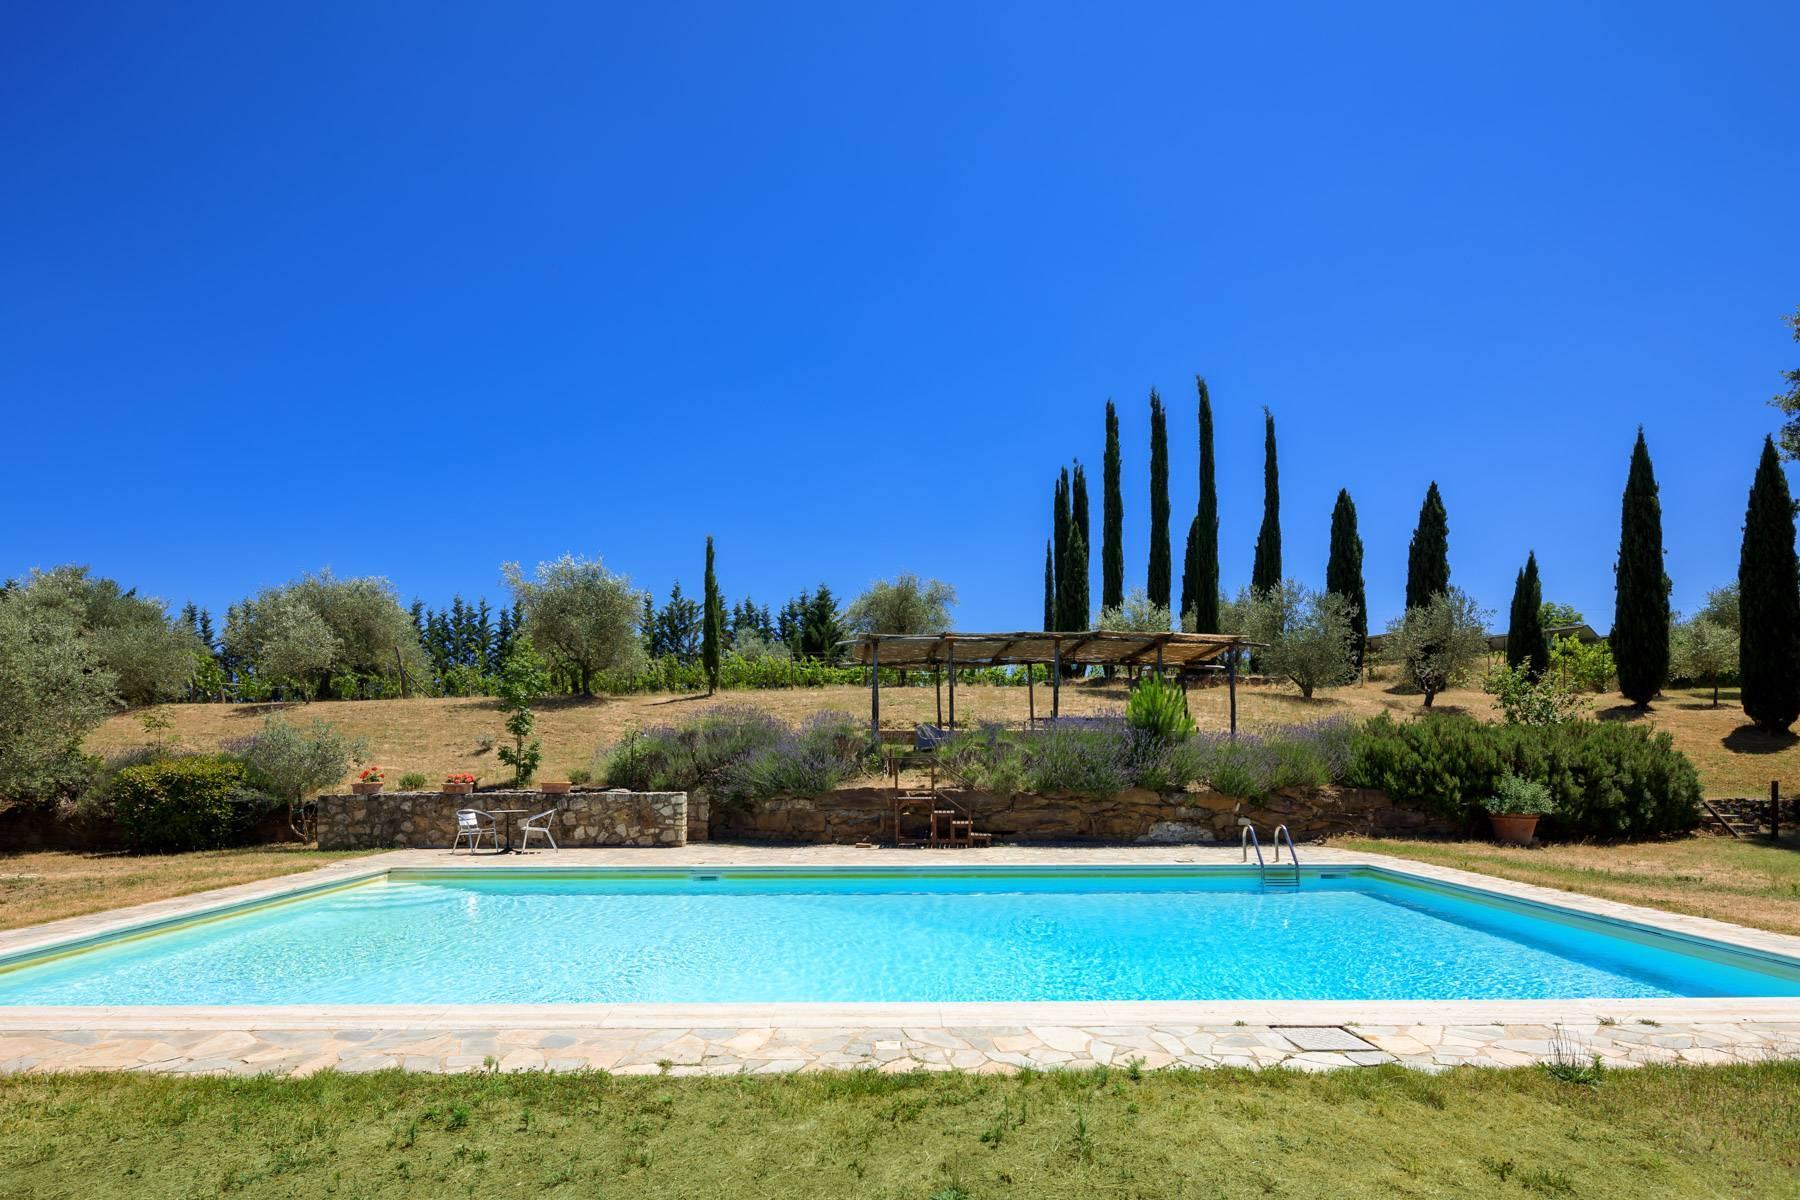 Storico casale nel cuore delle crete senesi con piscina - 38